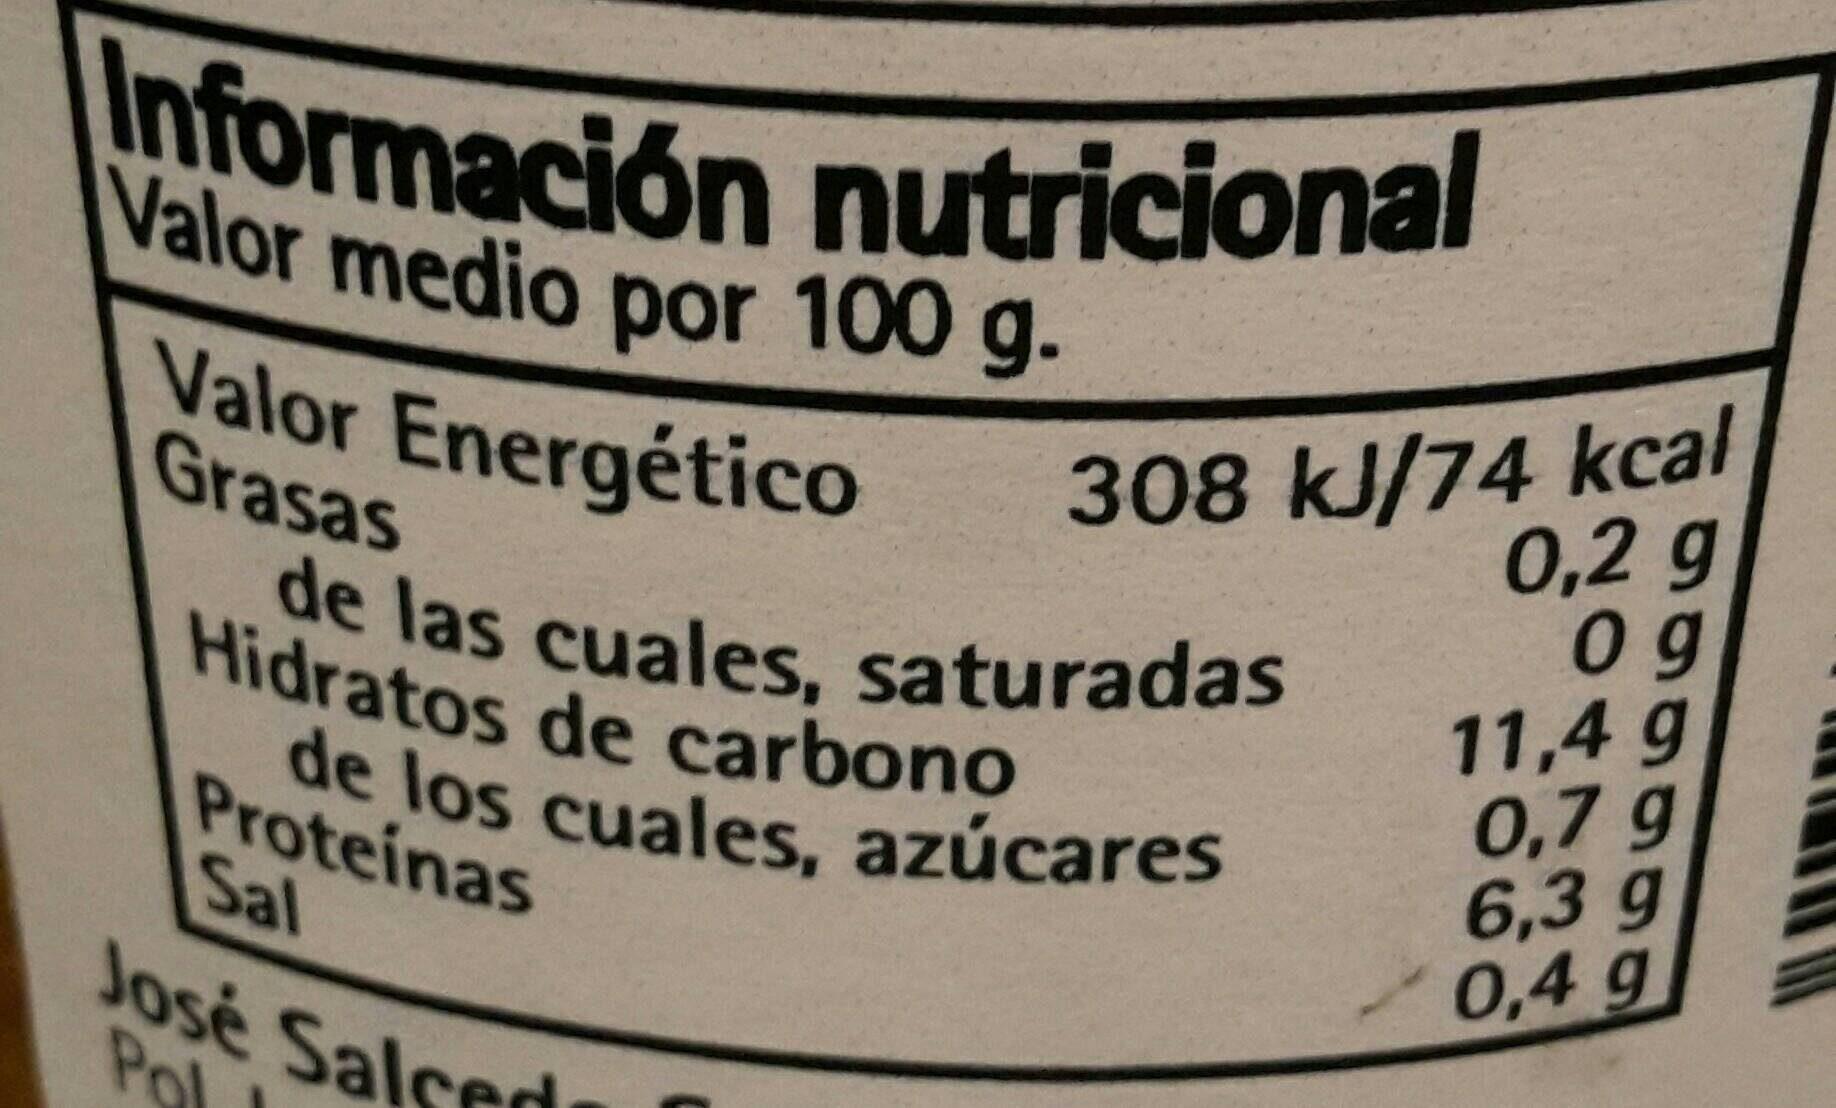 Lentejas al natural extra - Voedingswaarden - fr